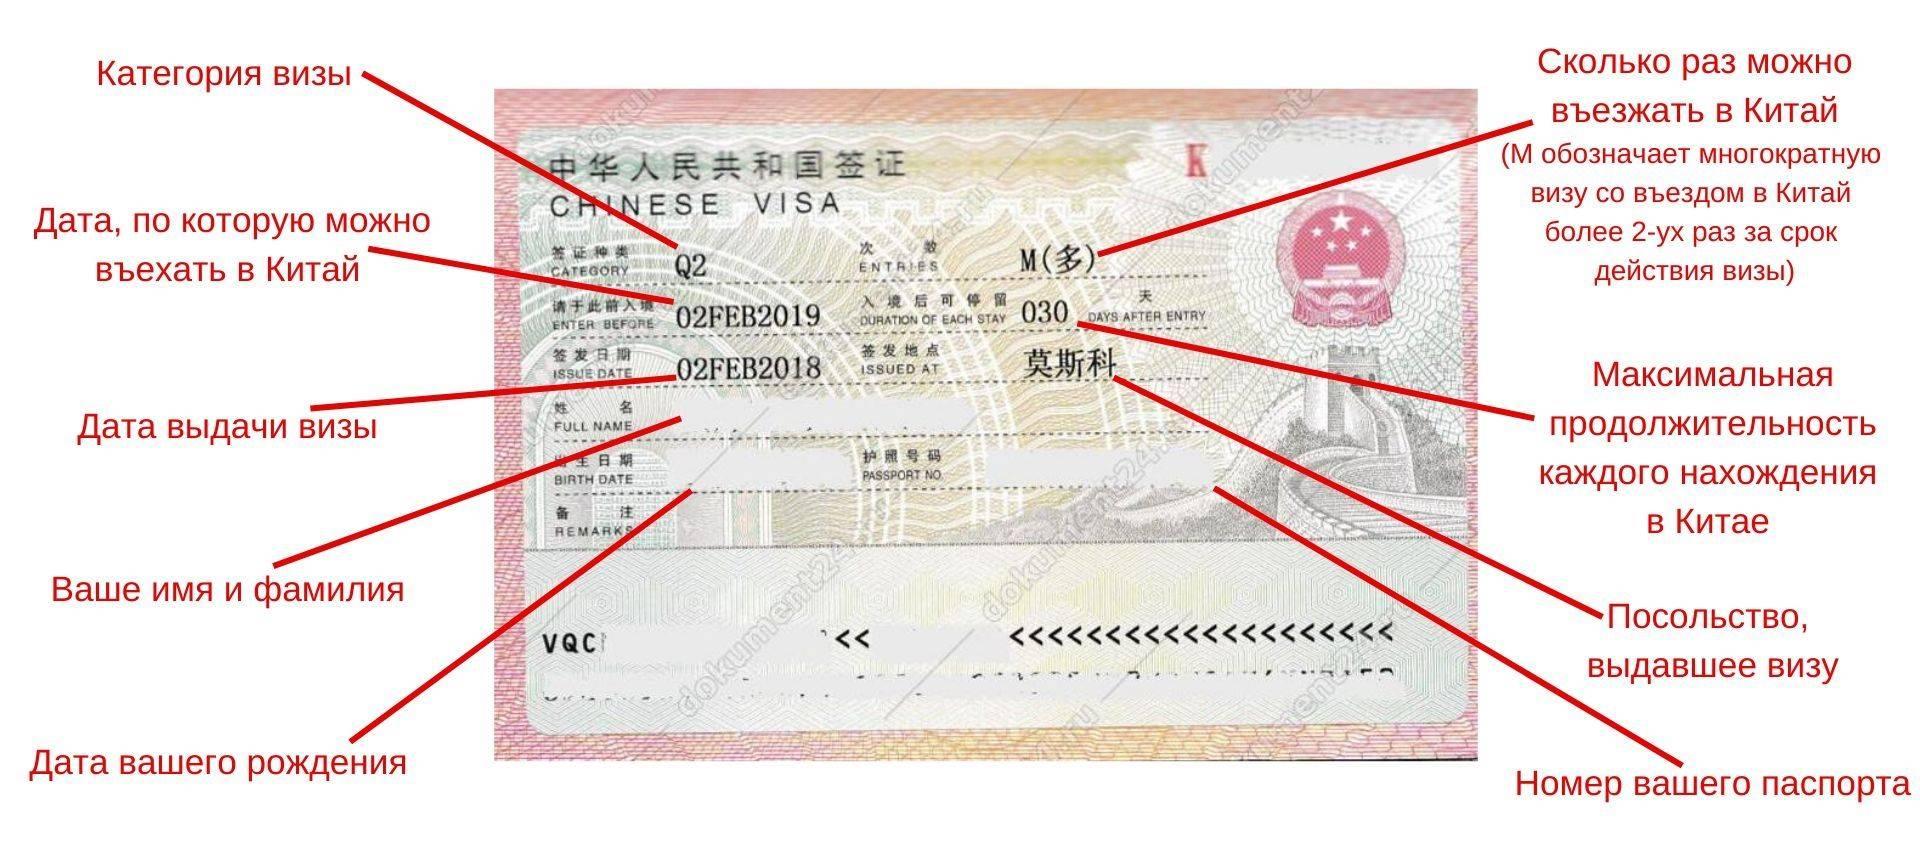 Как продлить визу находясь в россии